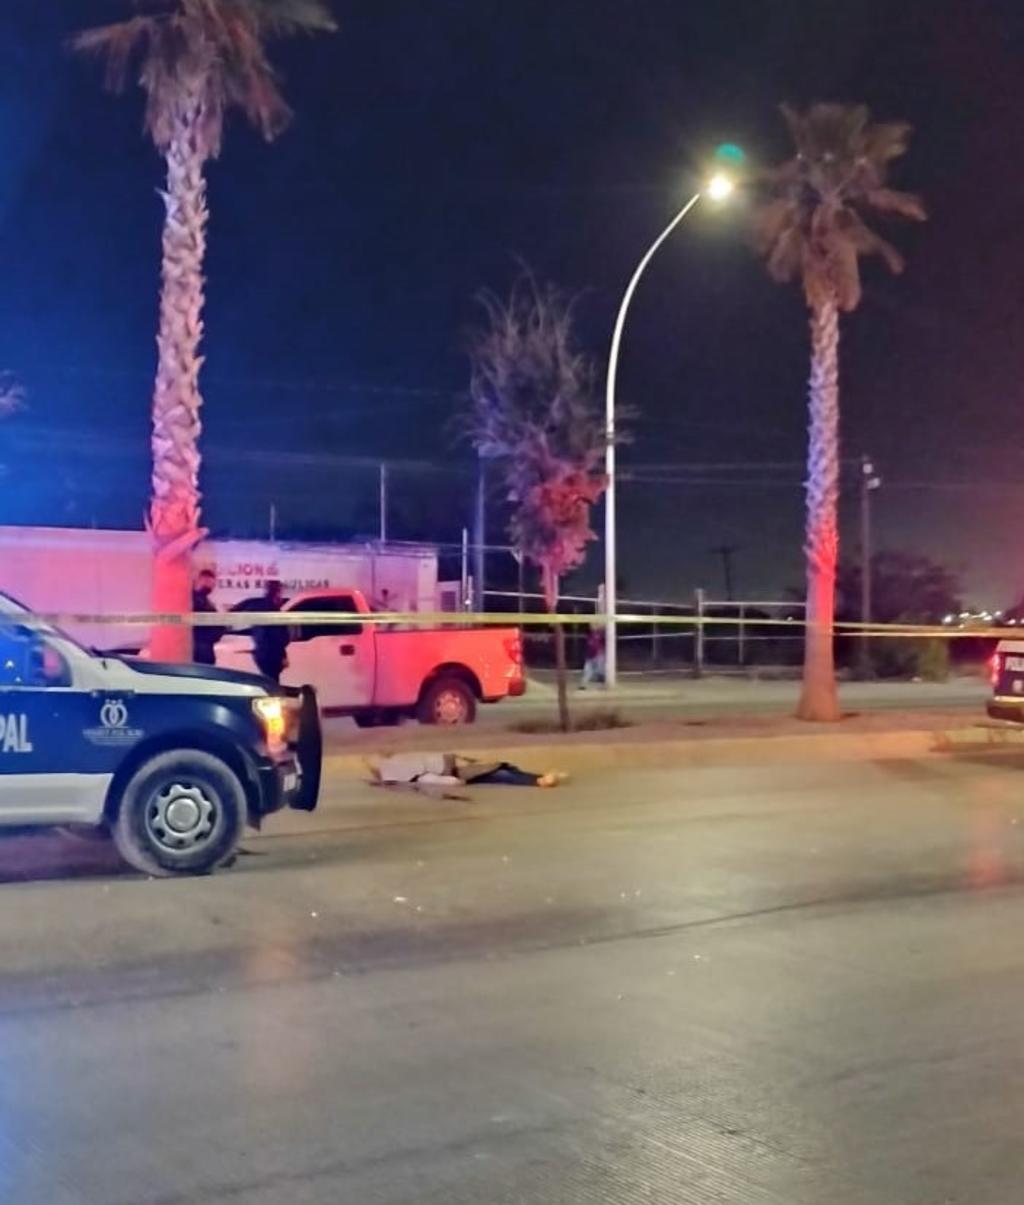 Joven mujer muere en accidente de motocicleta en Gómez Palacio